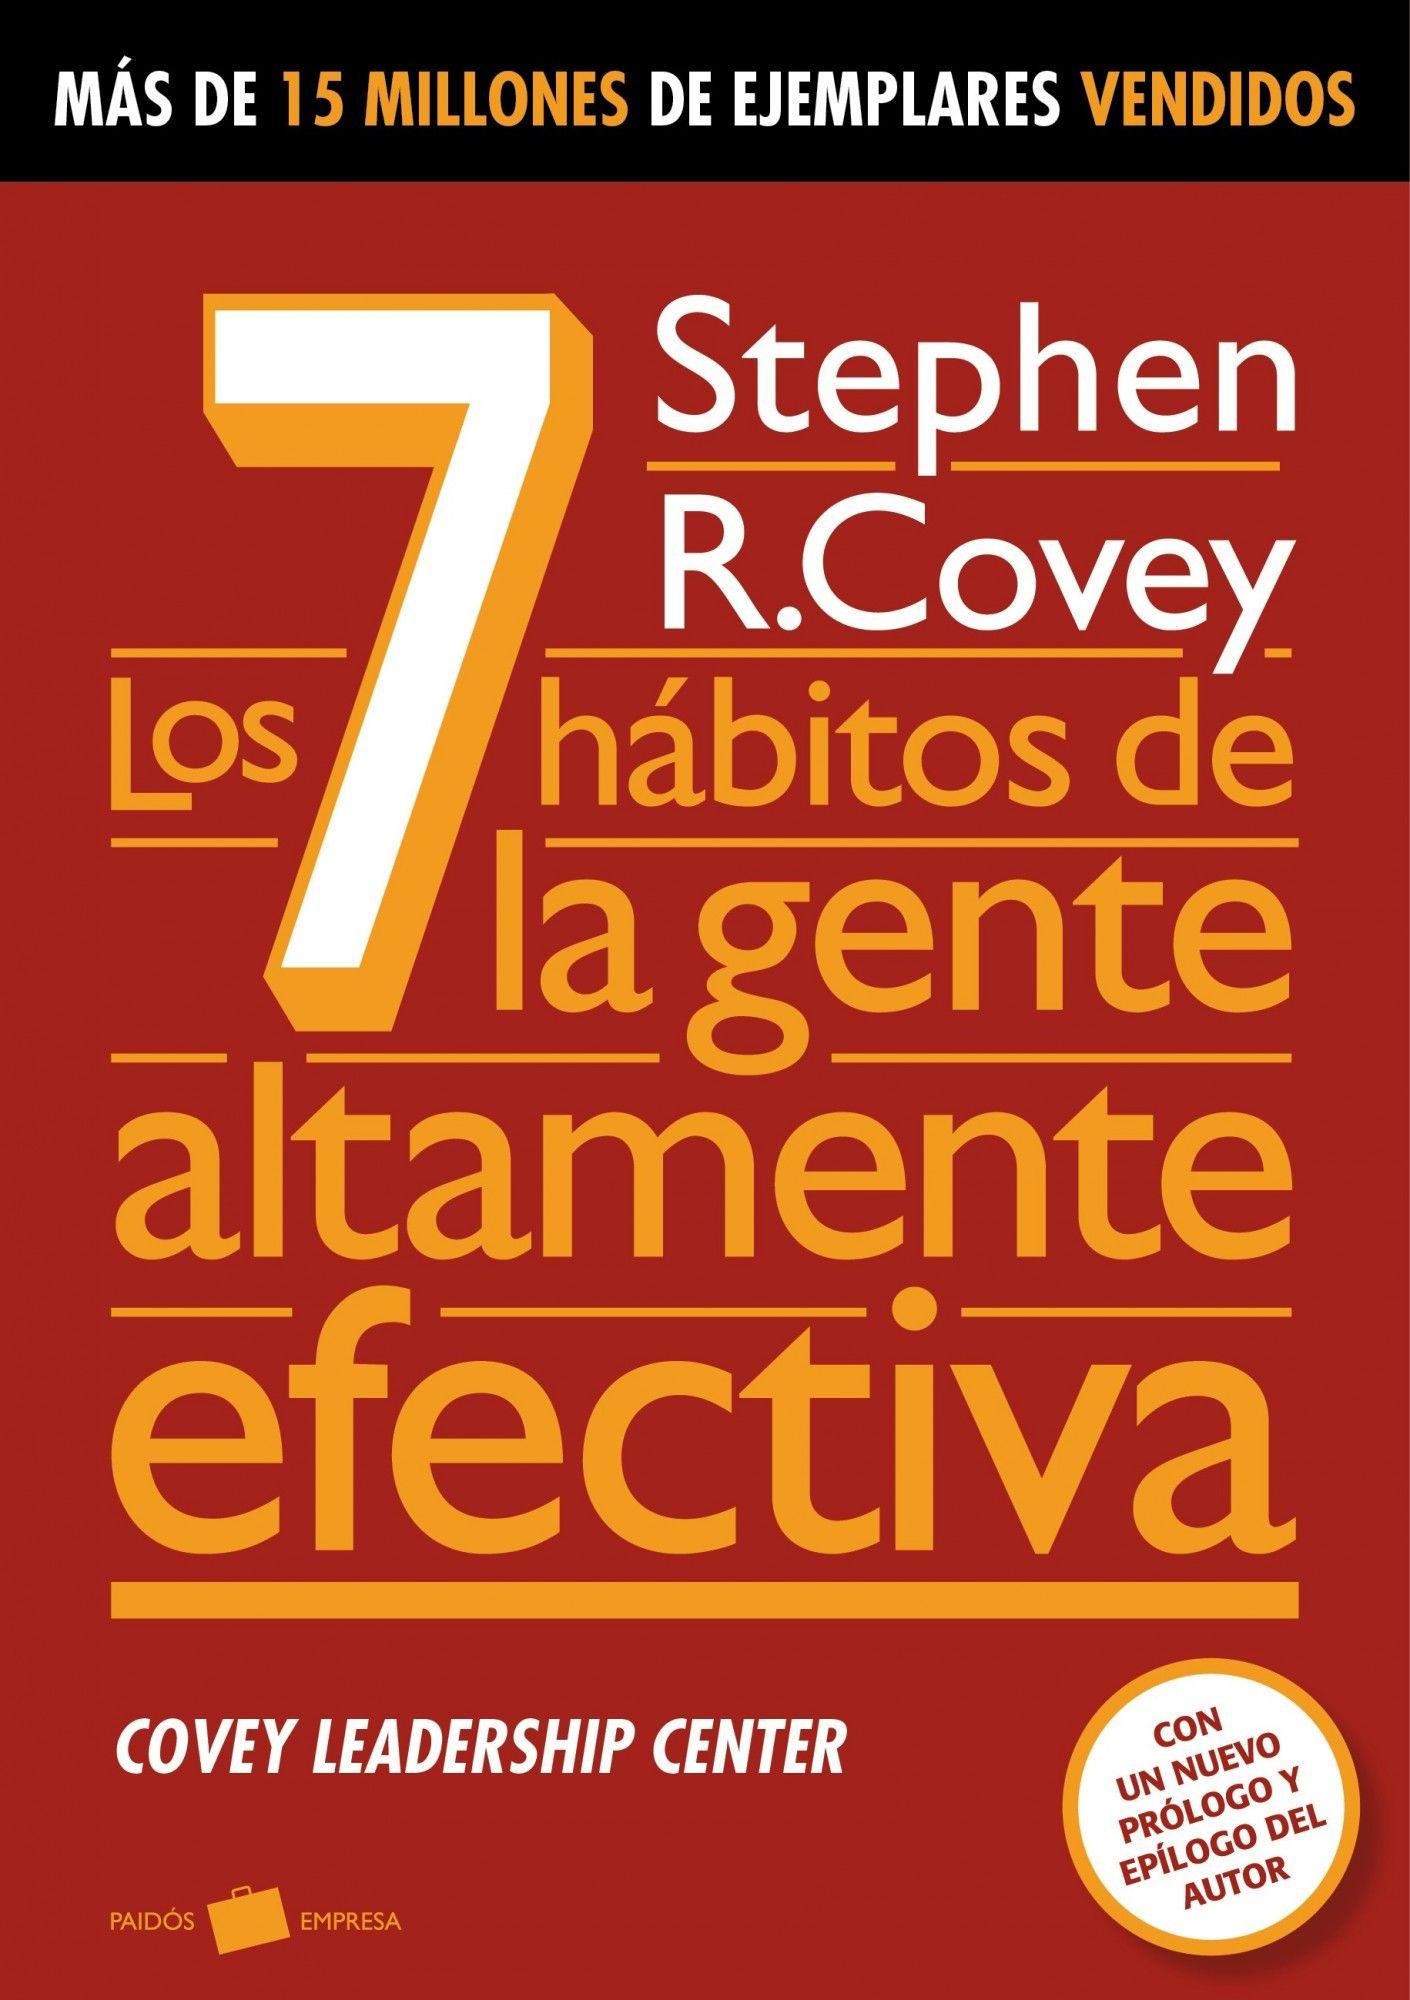 Los siete hábitos de la gente altamente efectiva: resumen del libro de Stephen Covey